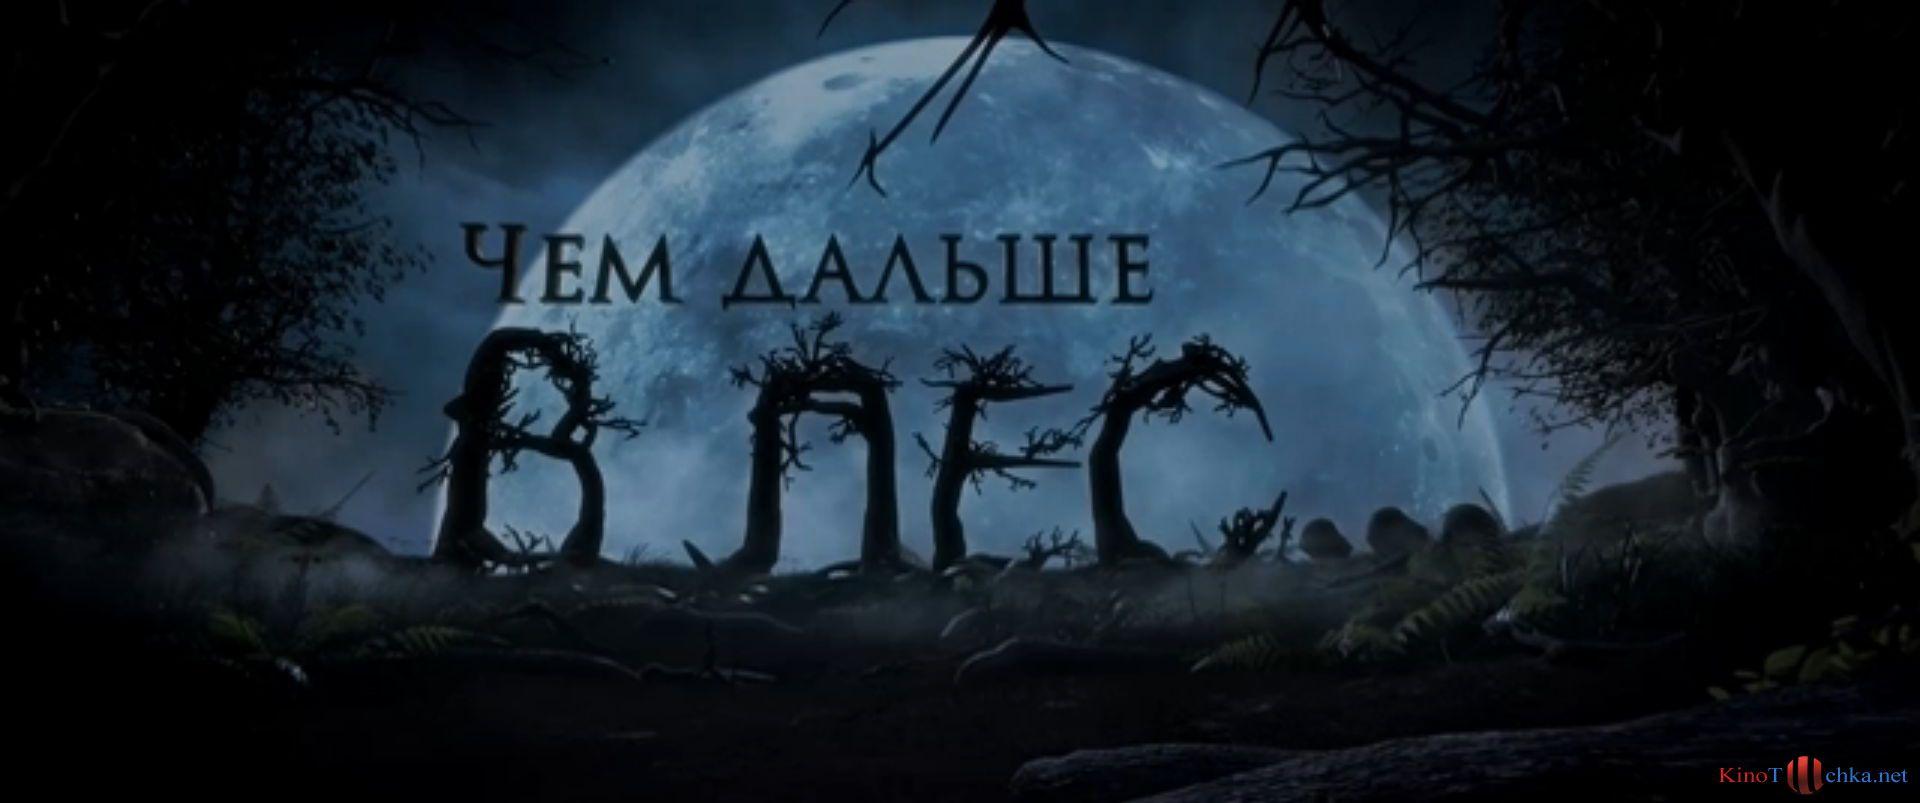 Трейлер фильма чем дальше в лес 2014